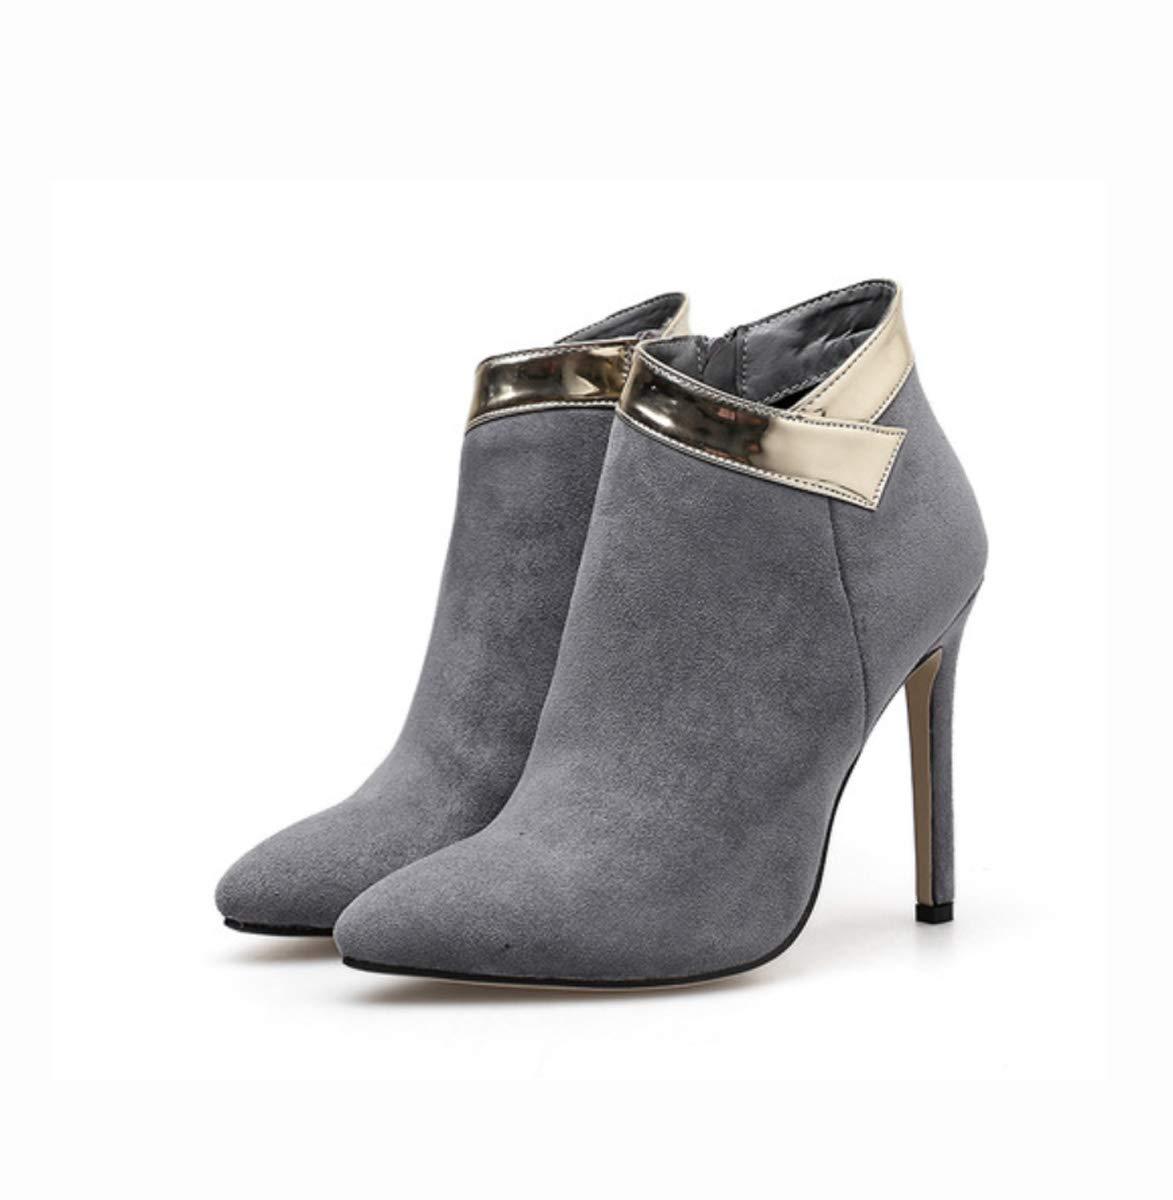 DANDANJIE Damenschuhe Fashion Stiefeletten Stiletto Heel Spitz Zipper für 2018 Herbst